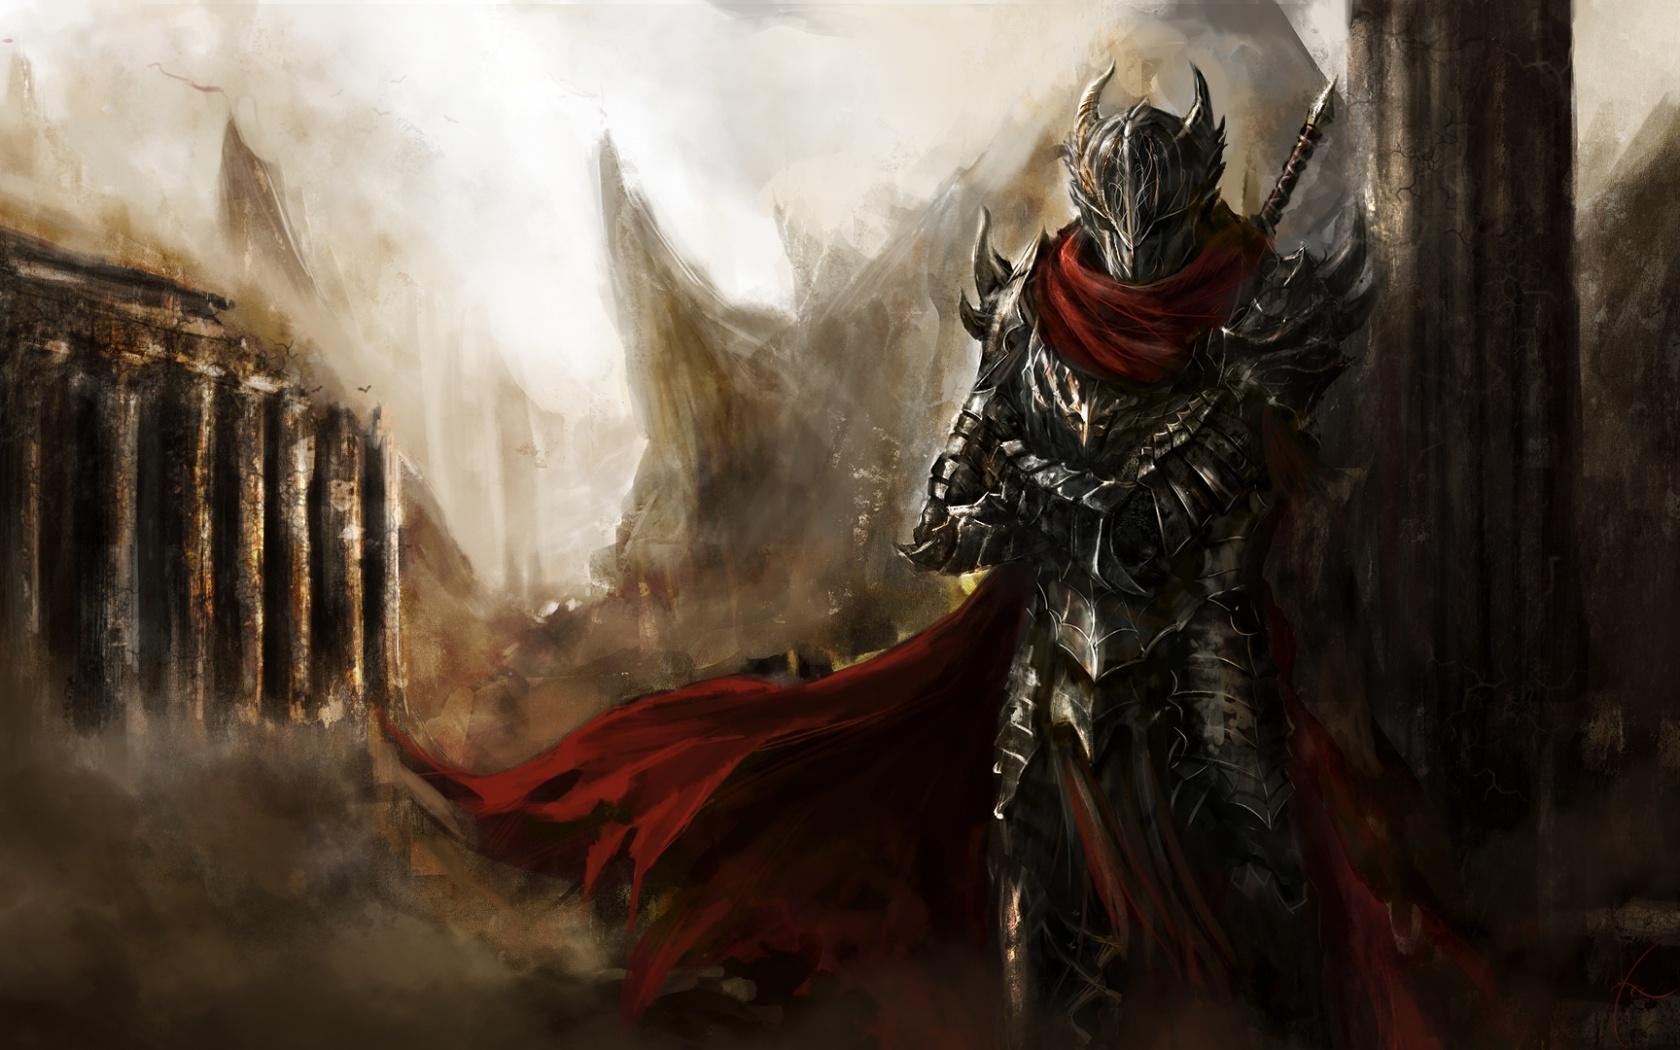 Dark warrior artwork